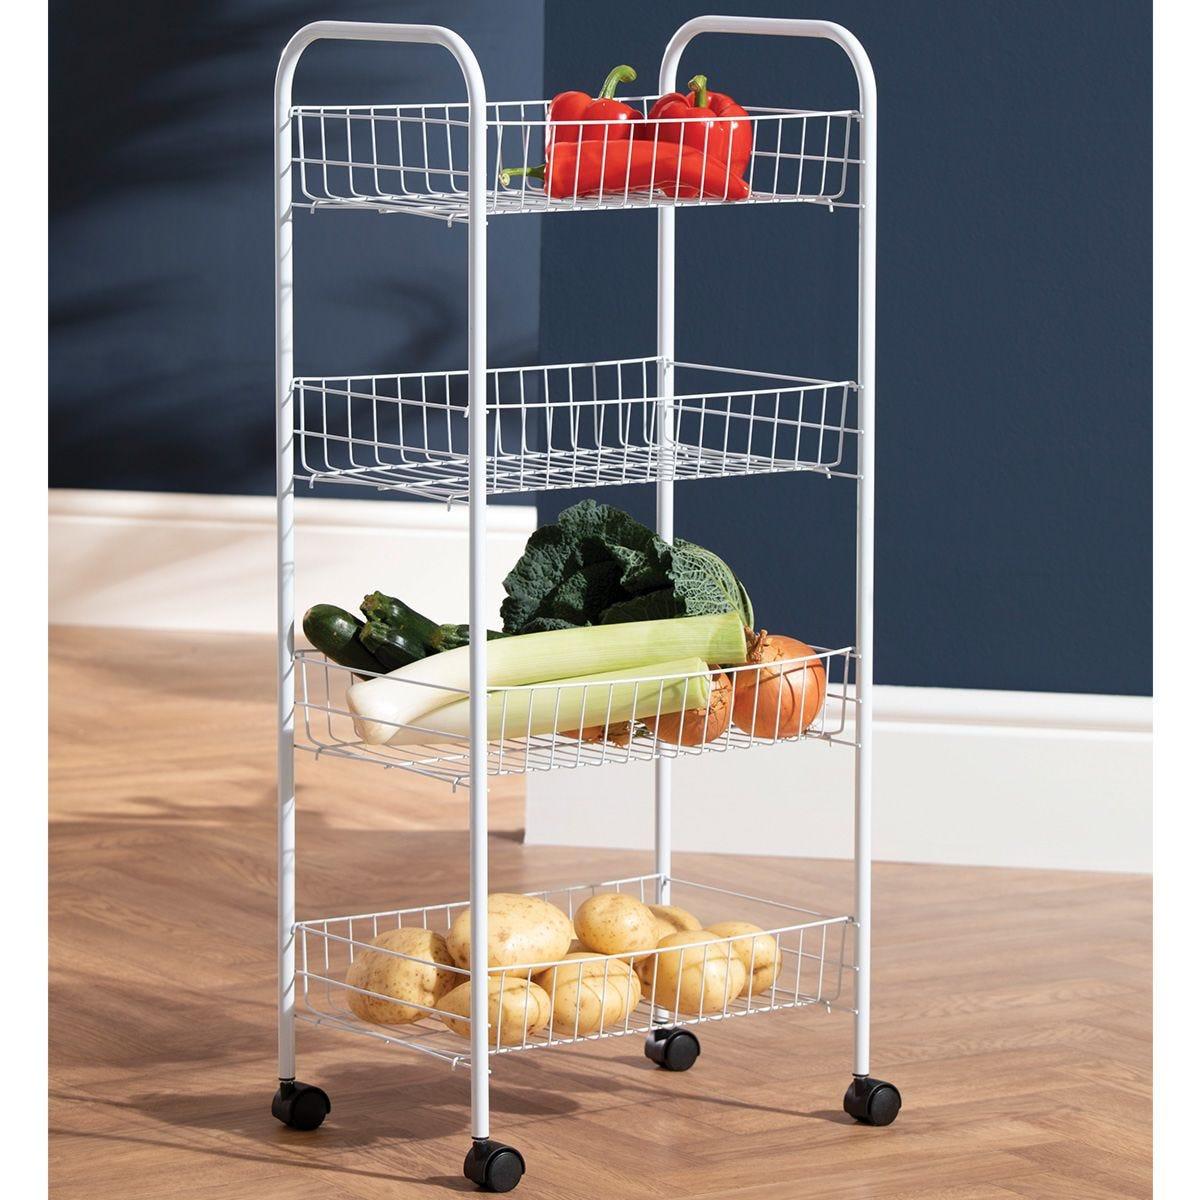 Robert Dyas 4 Tier Wire Kitchen Trolley